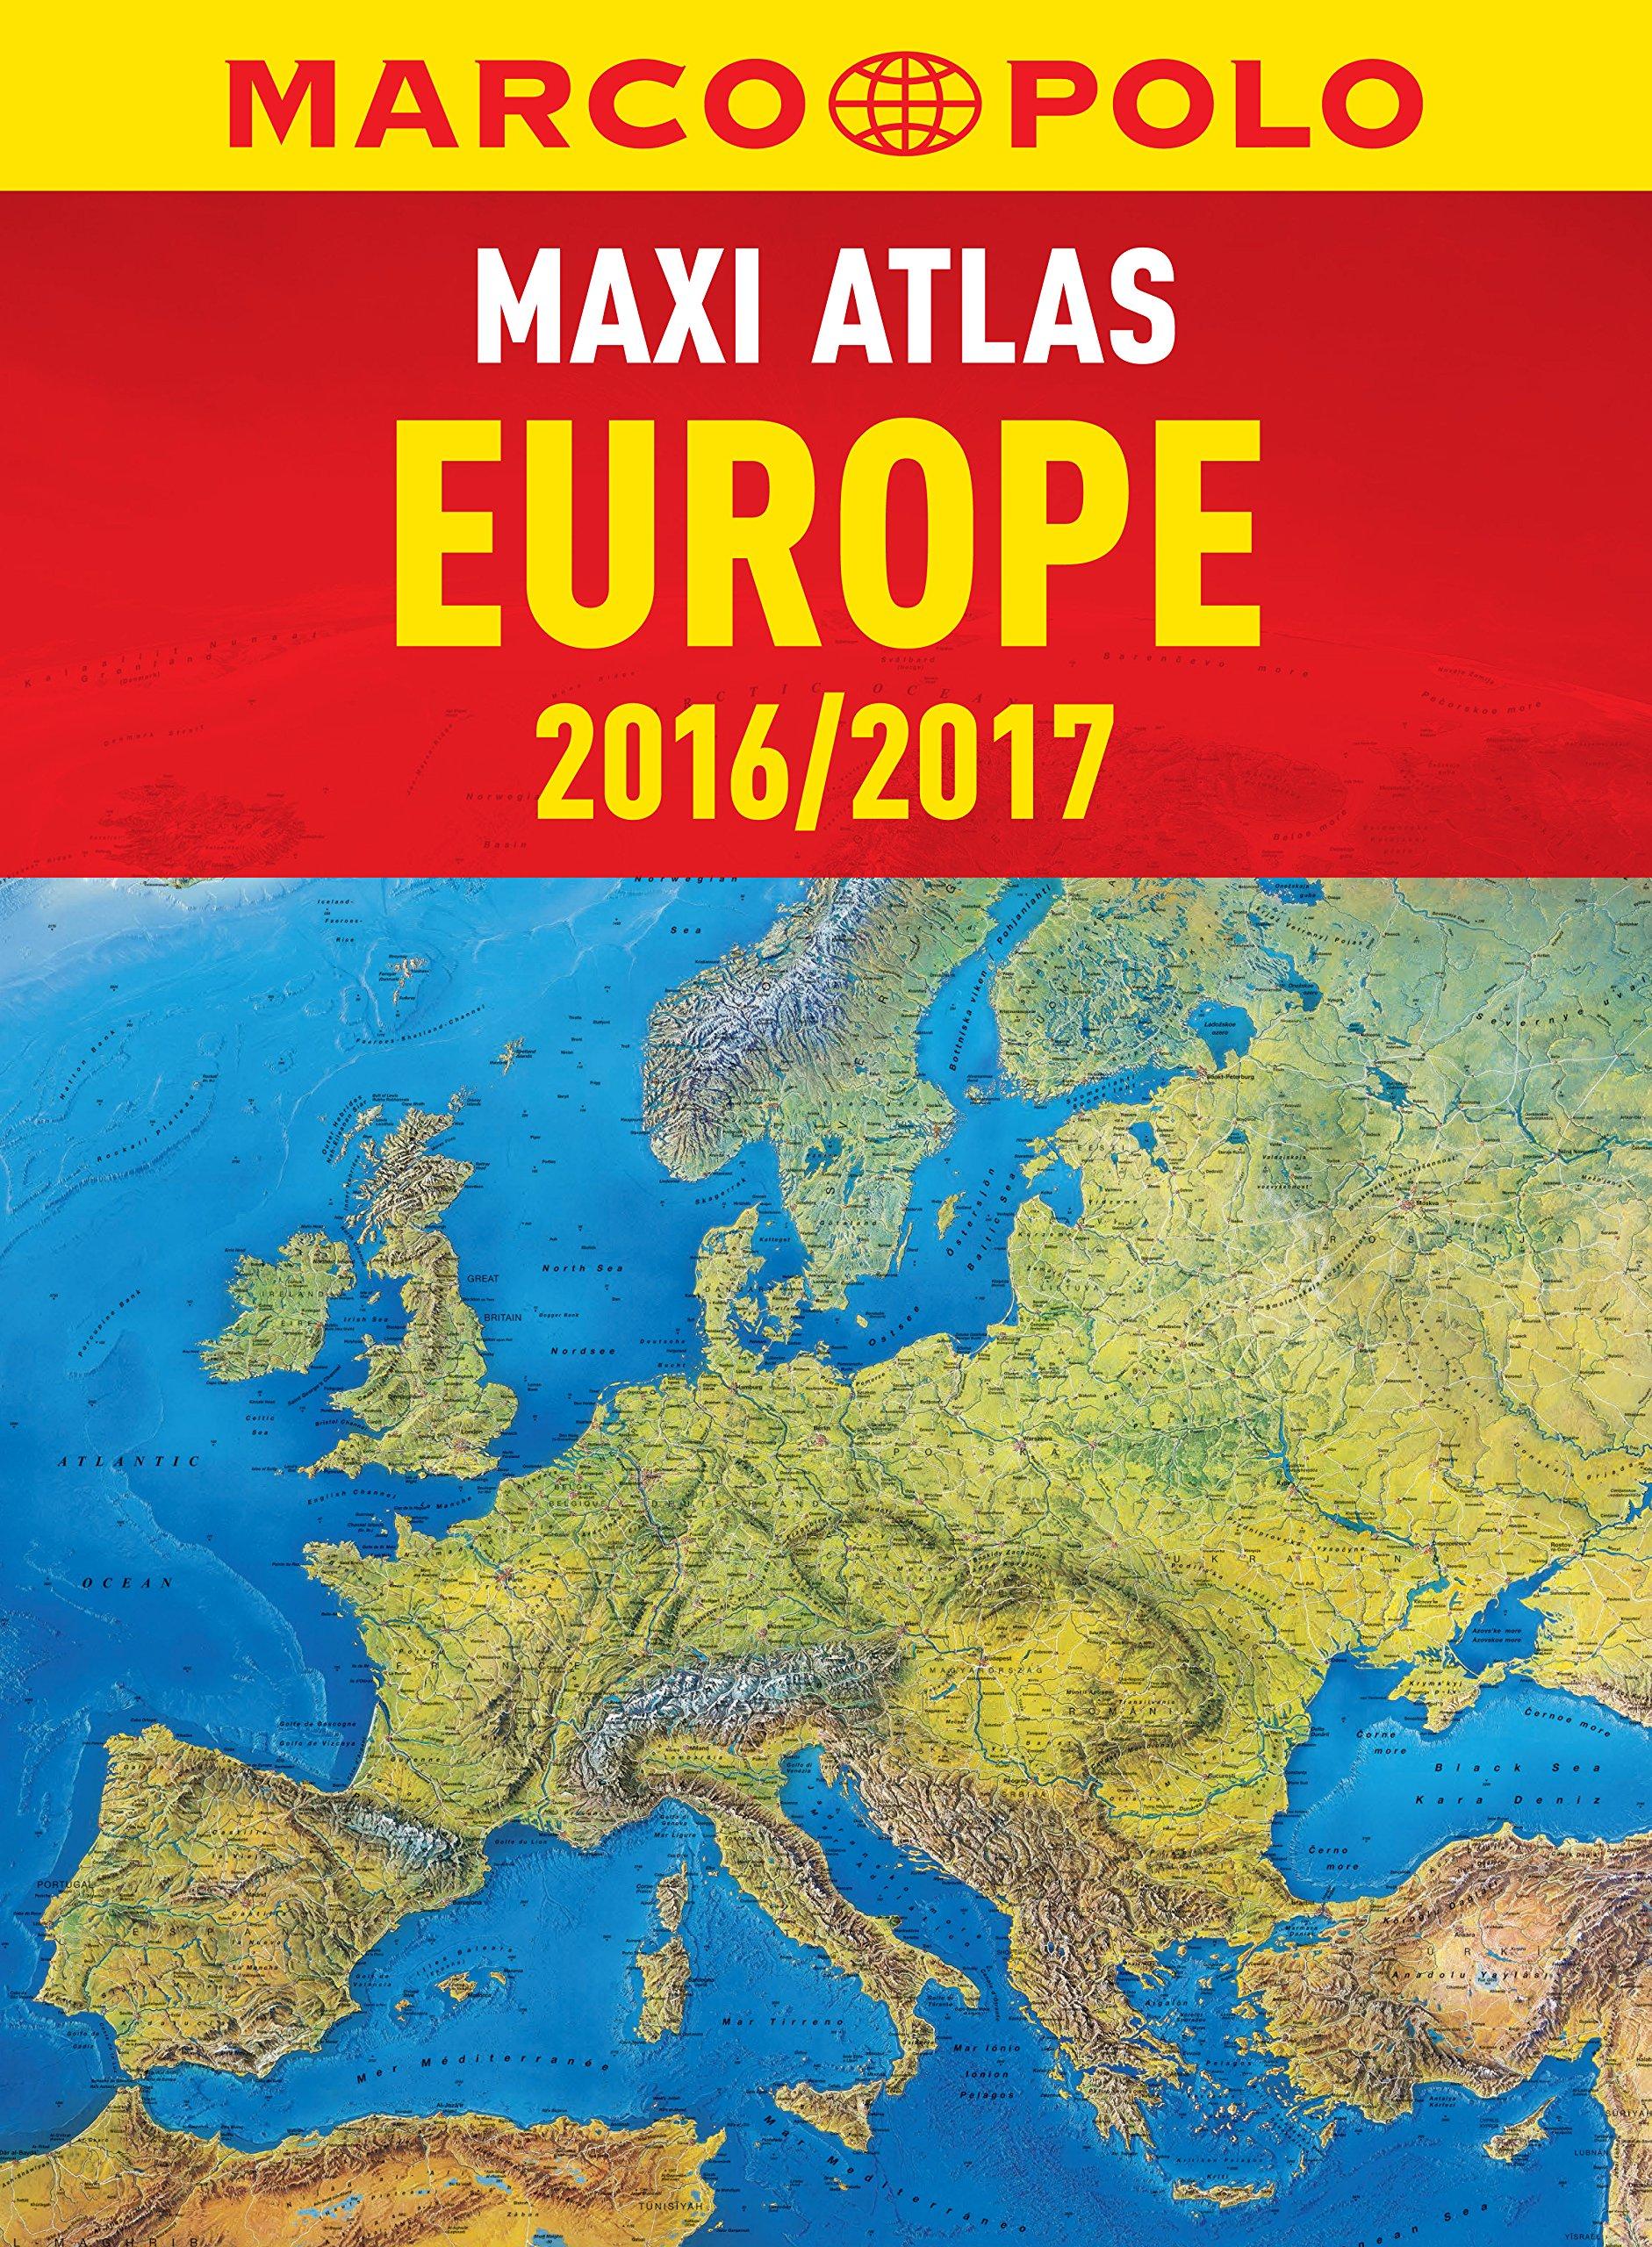 Europe Marco Polo Maxi Atlas Marco Polo Road Atlas Marco Polo